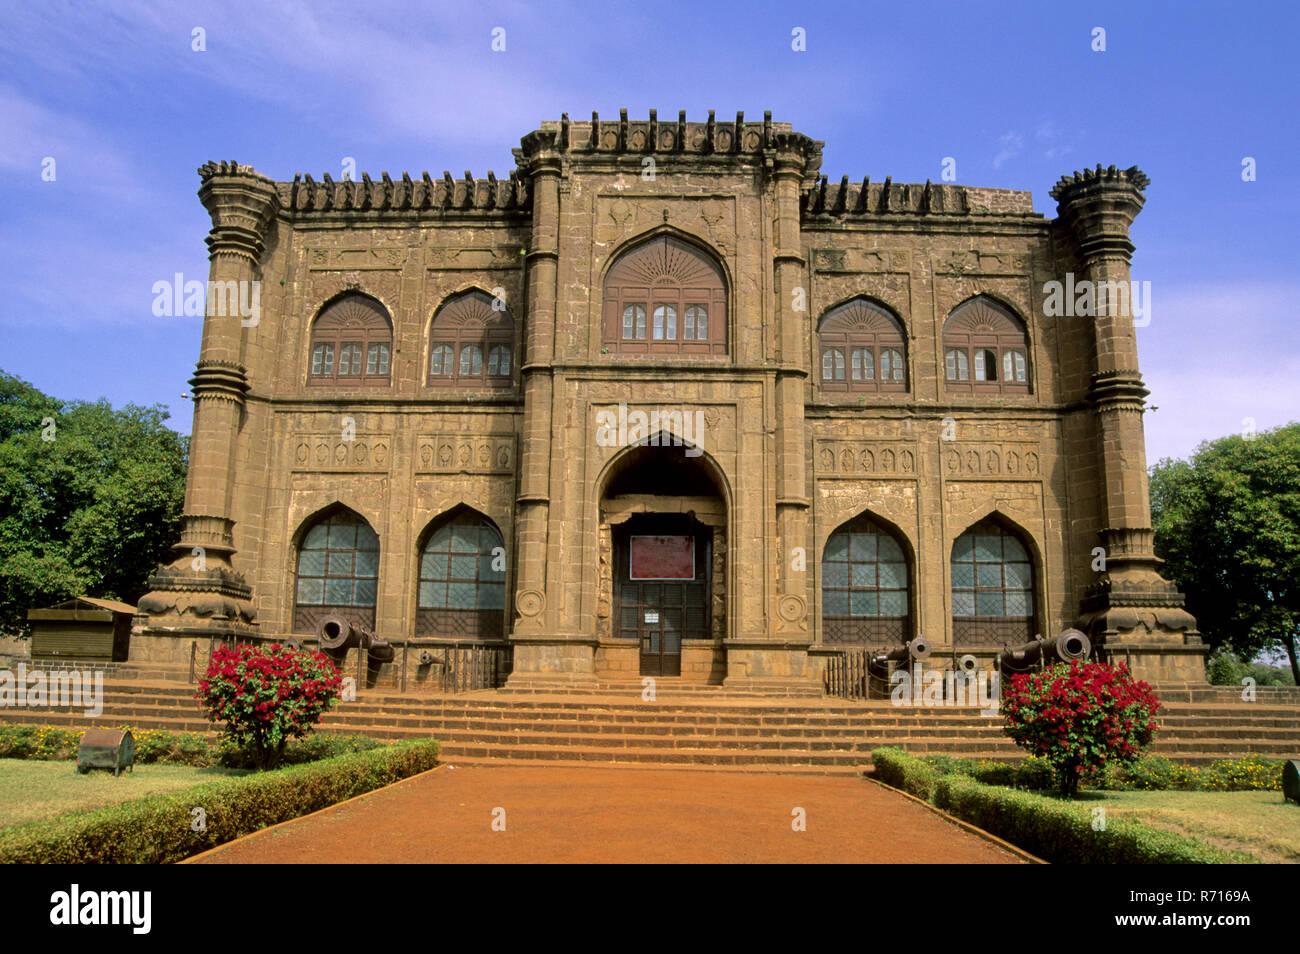 Nagar Khana museum at gol Gumbaz complex, bijapur, karnataka, india - Stock Image